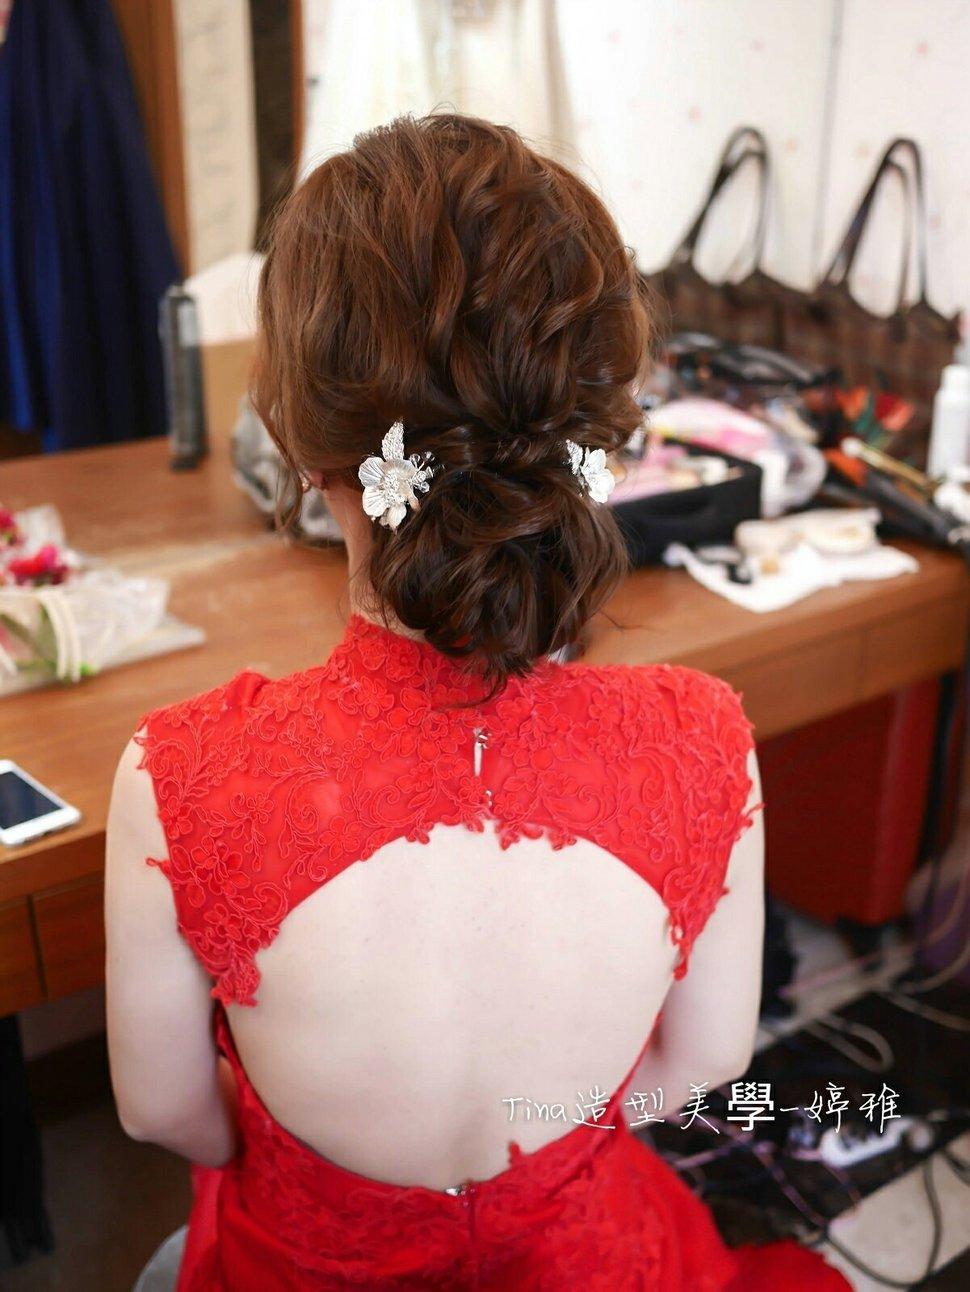 簽名檔_181121_0026 - 雲林新秘/嘉義新娘秘書/Tina造型美學《結婚吧》